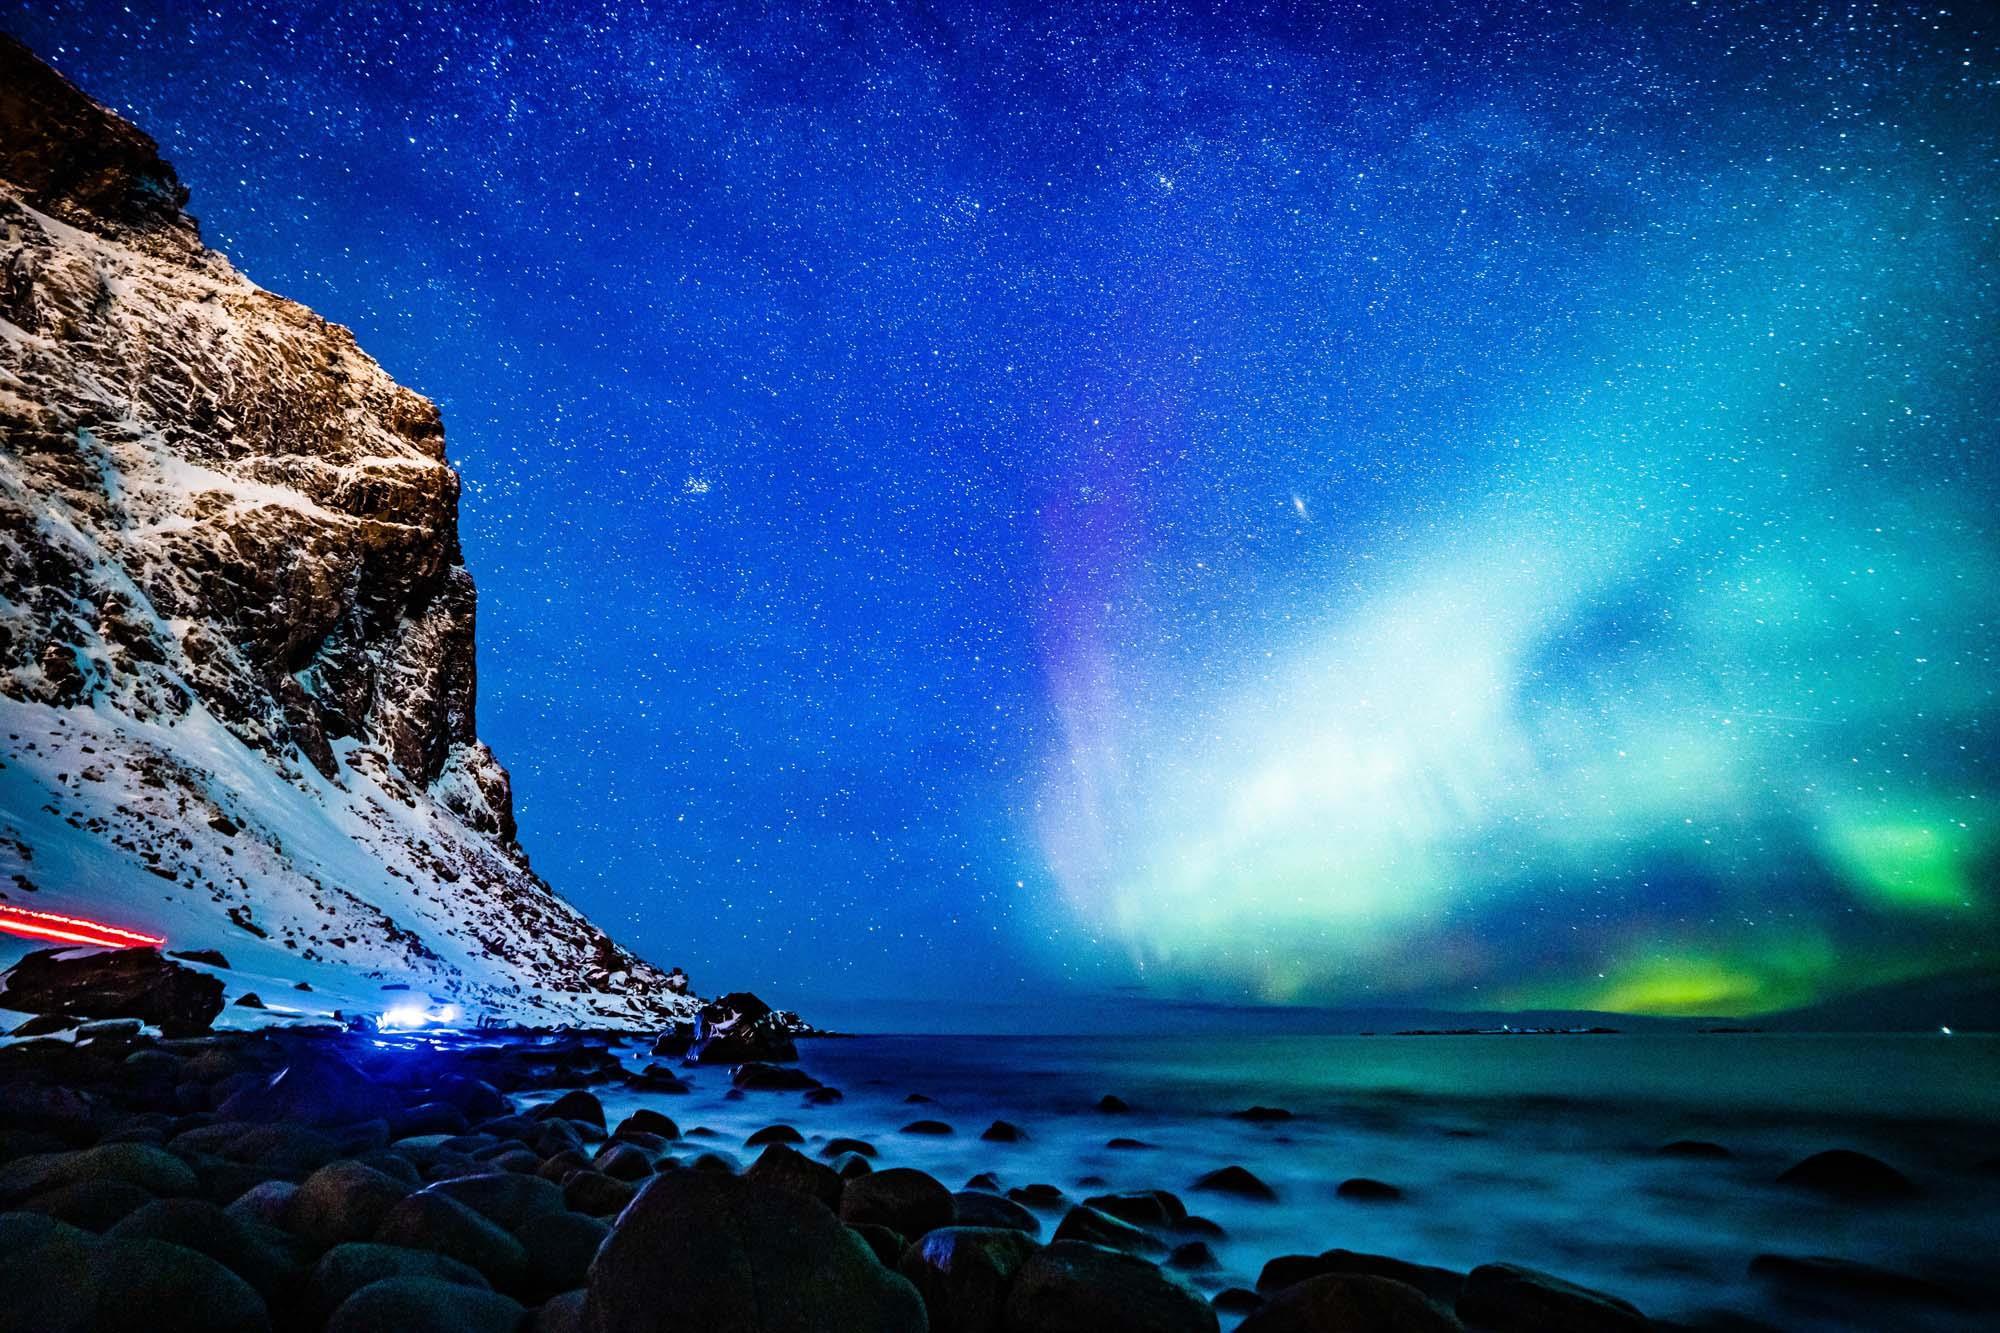 Hình ảnh dải ngân hà đẹp dưới trái đất